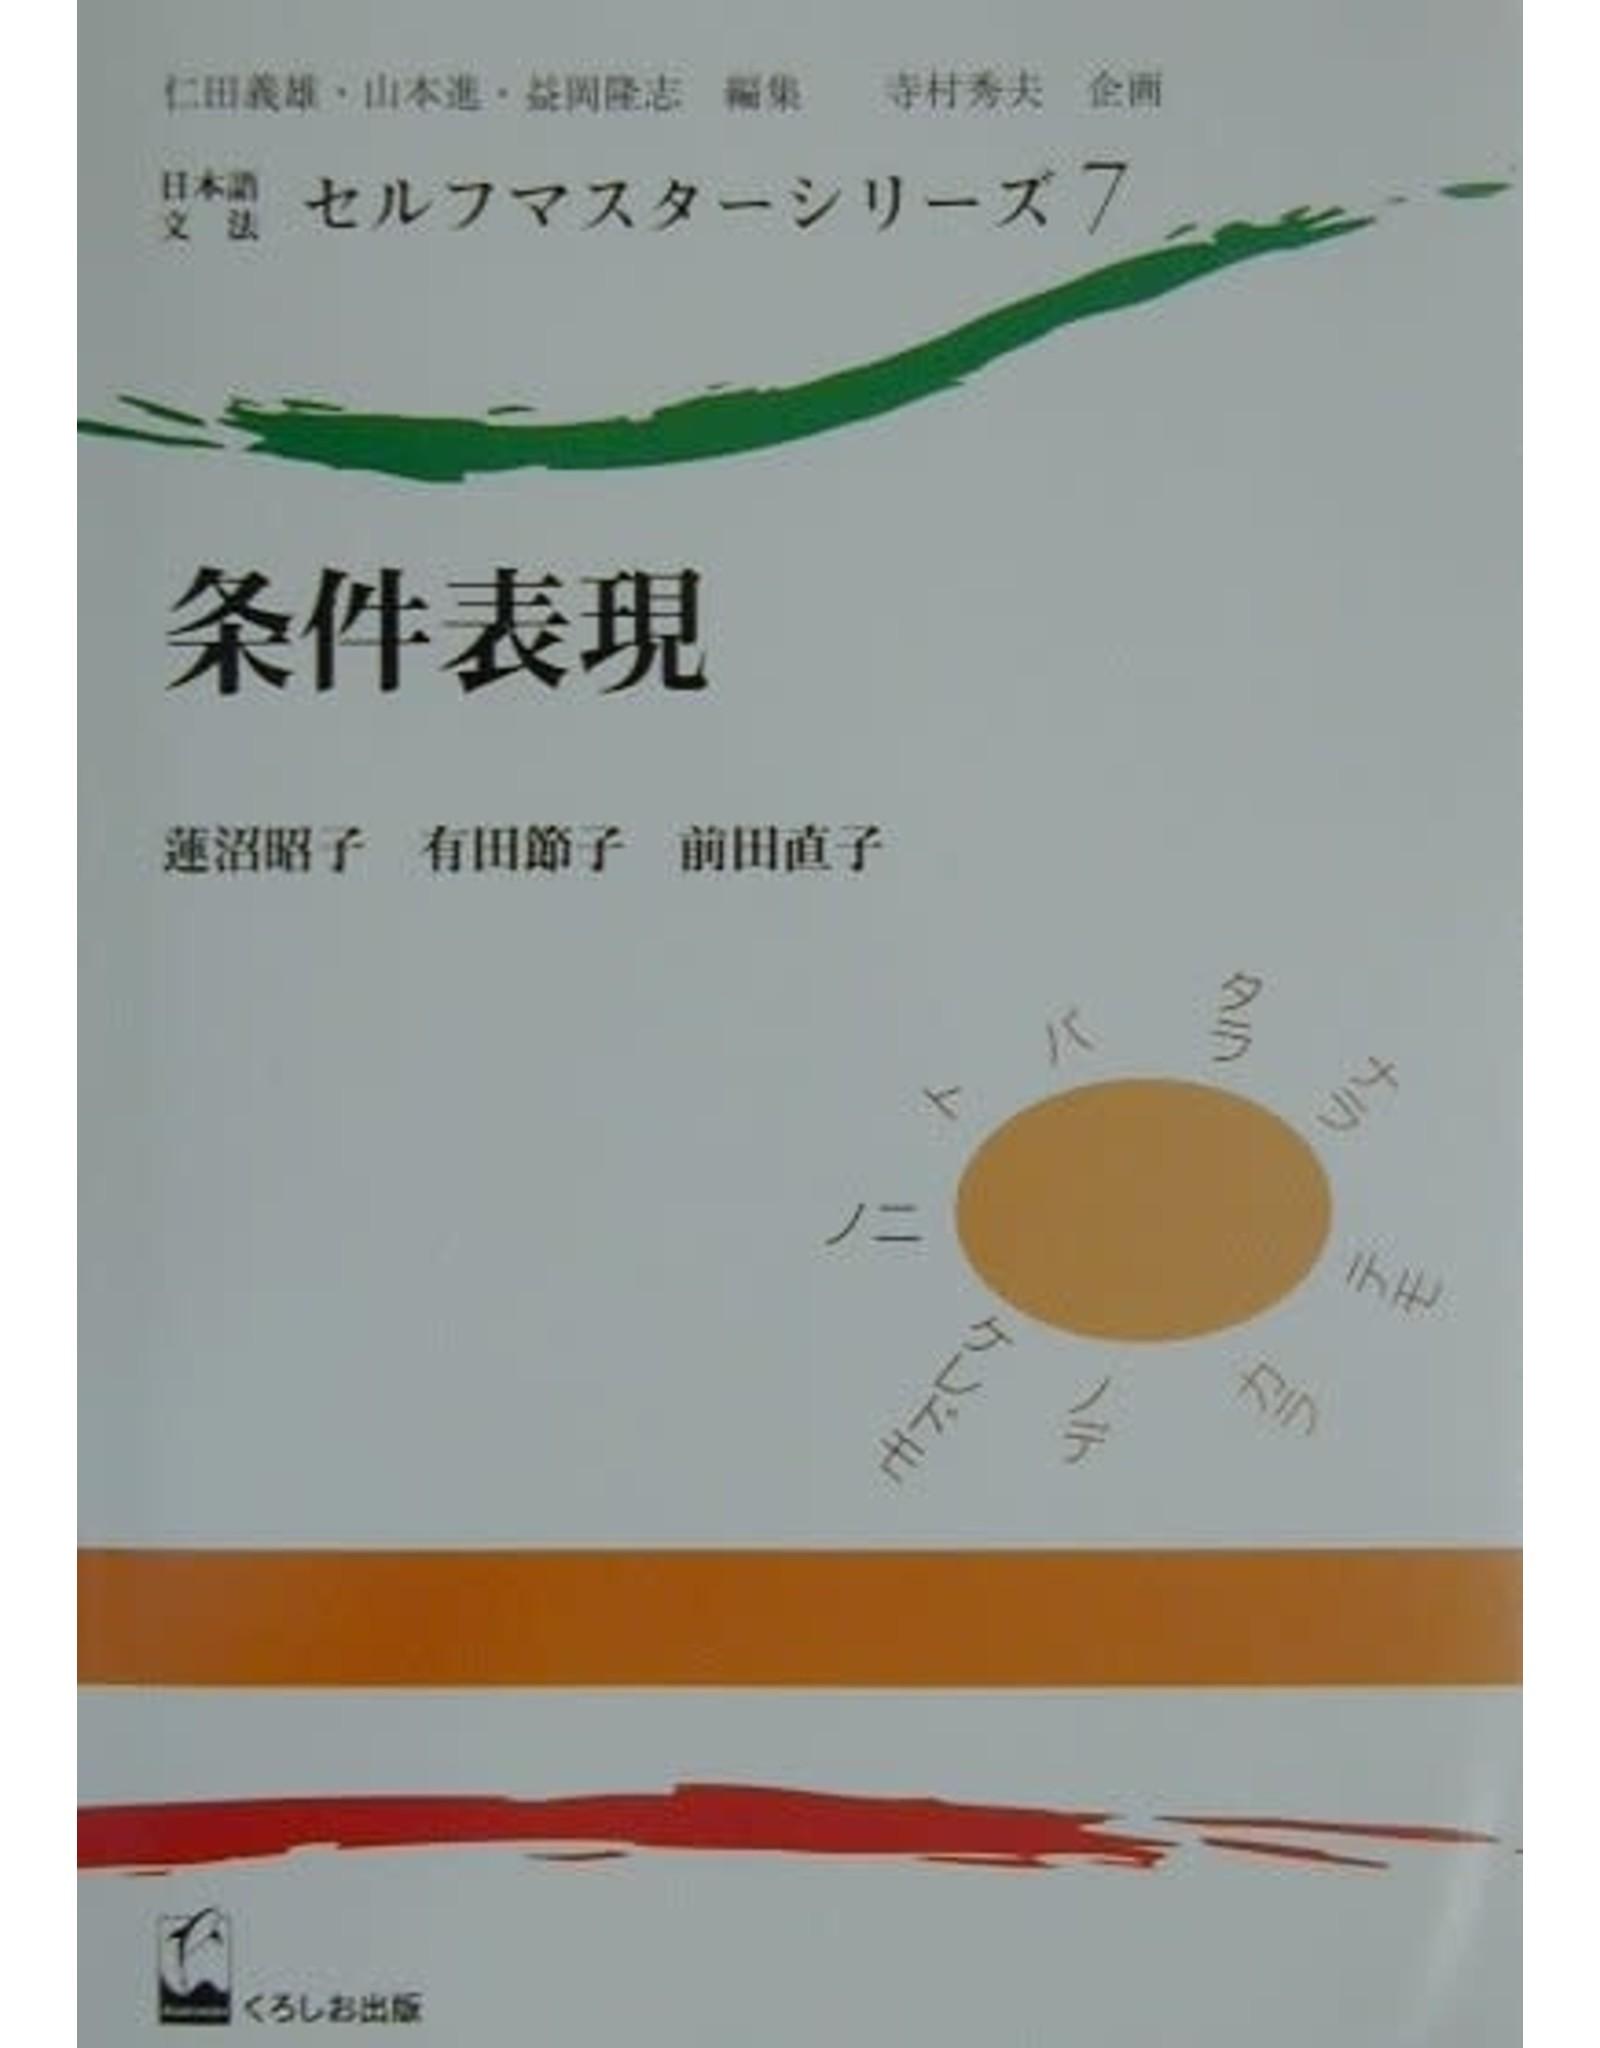 KUROSHIO NIHONGO BUNPO SELF MASTER SERIES 7